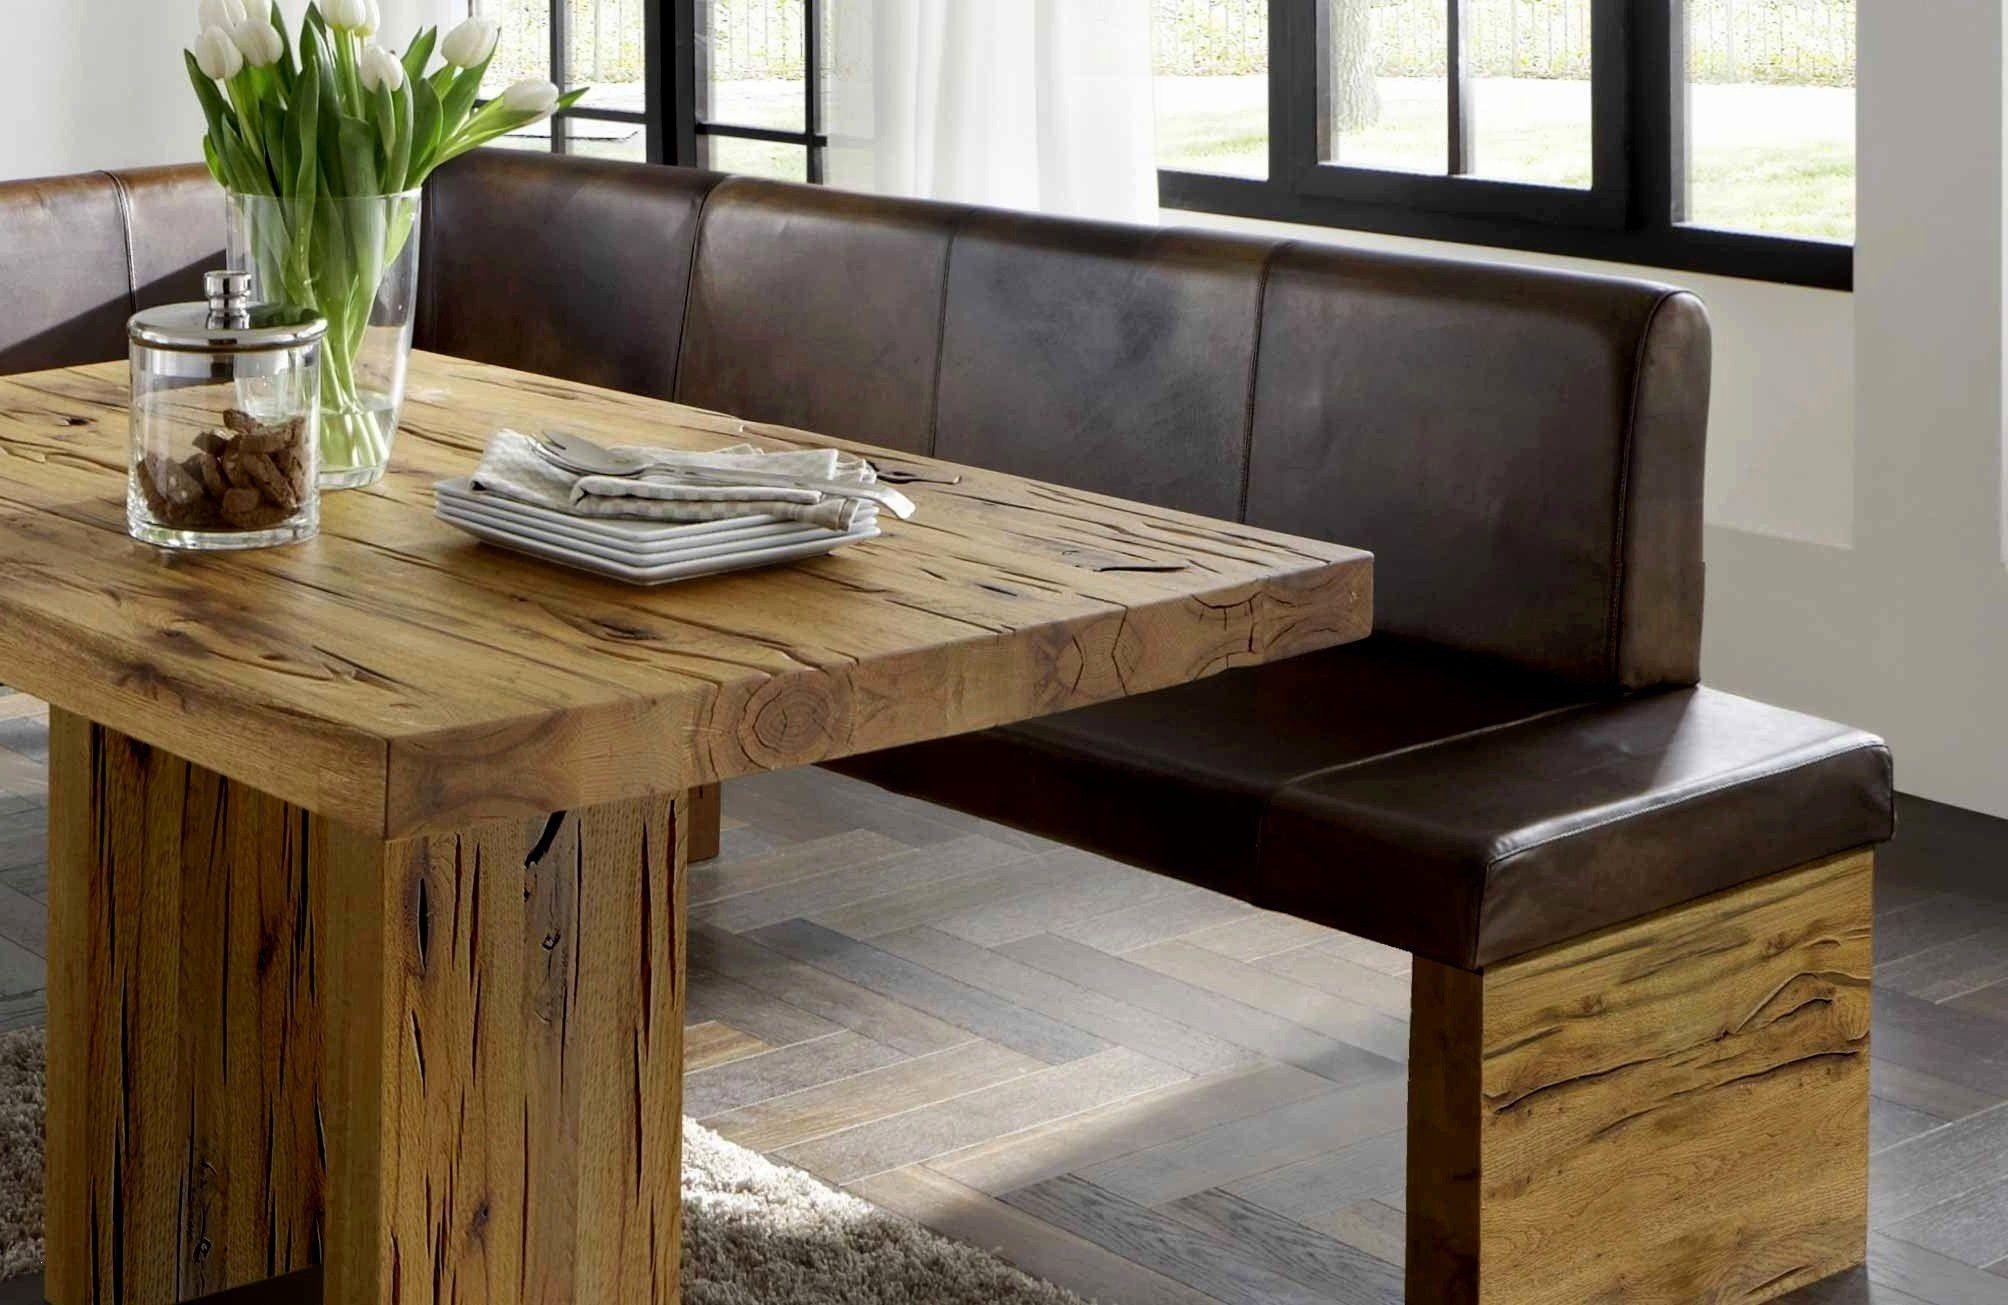 Konzept 42 Zum Eckbank Holz Modern Check More At Http Www Estadoproperties Com Eckbank Holz Modern Eckbank Kuche Sitzecke Kuche Holz